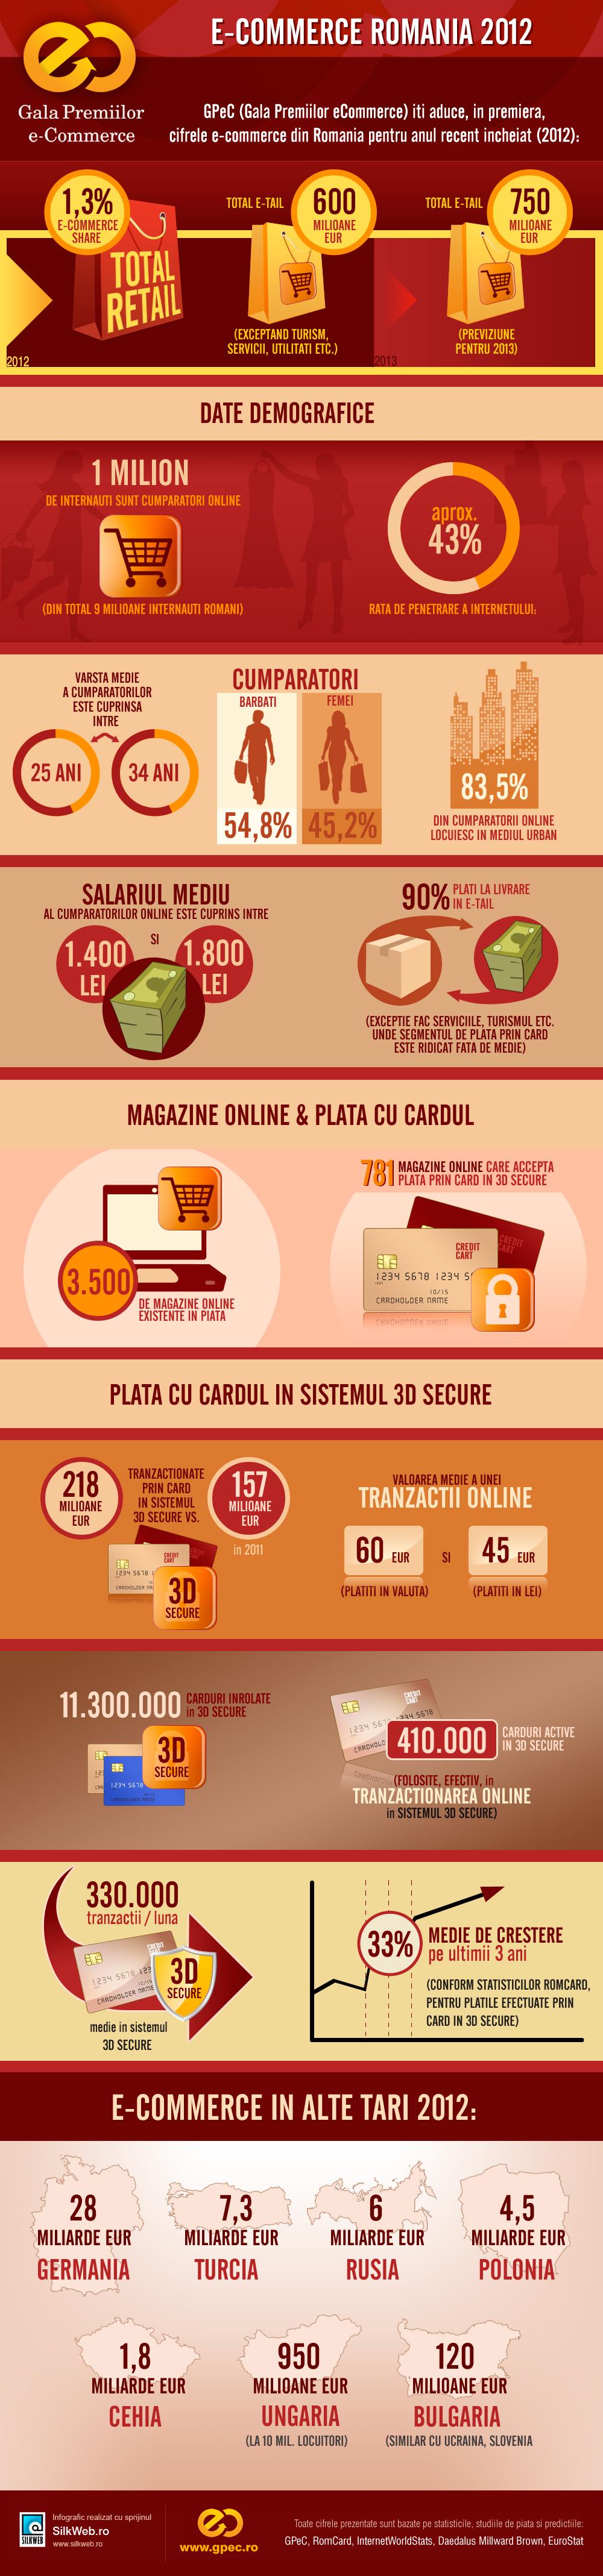 infografic gpec